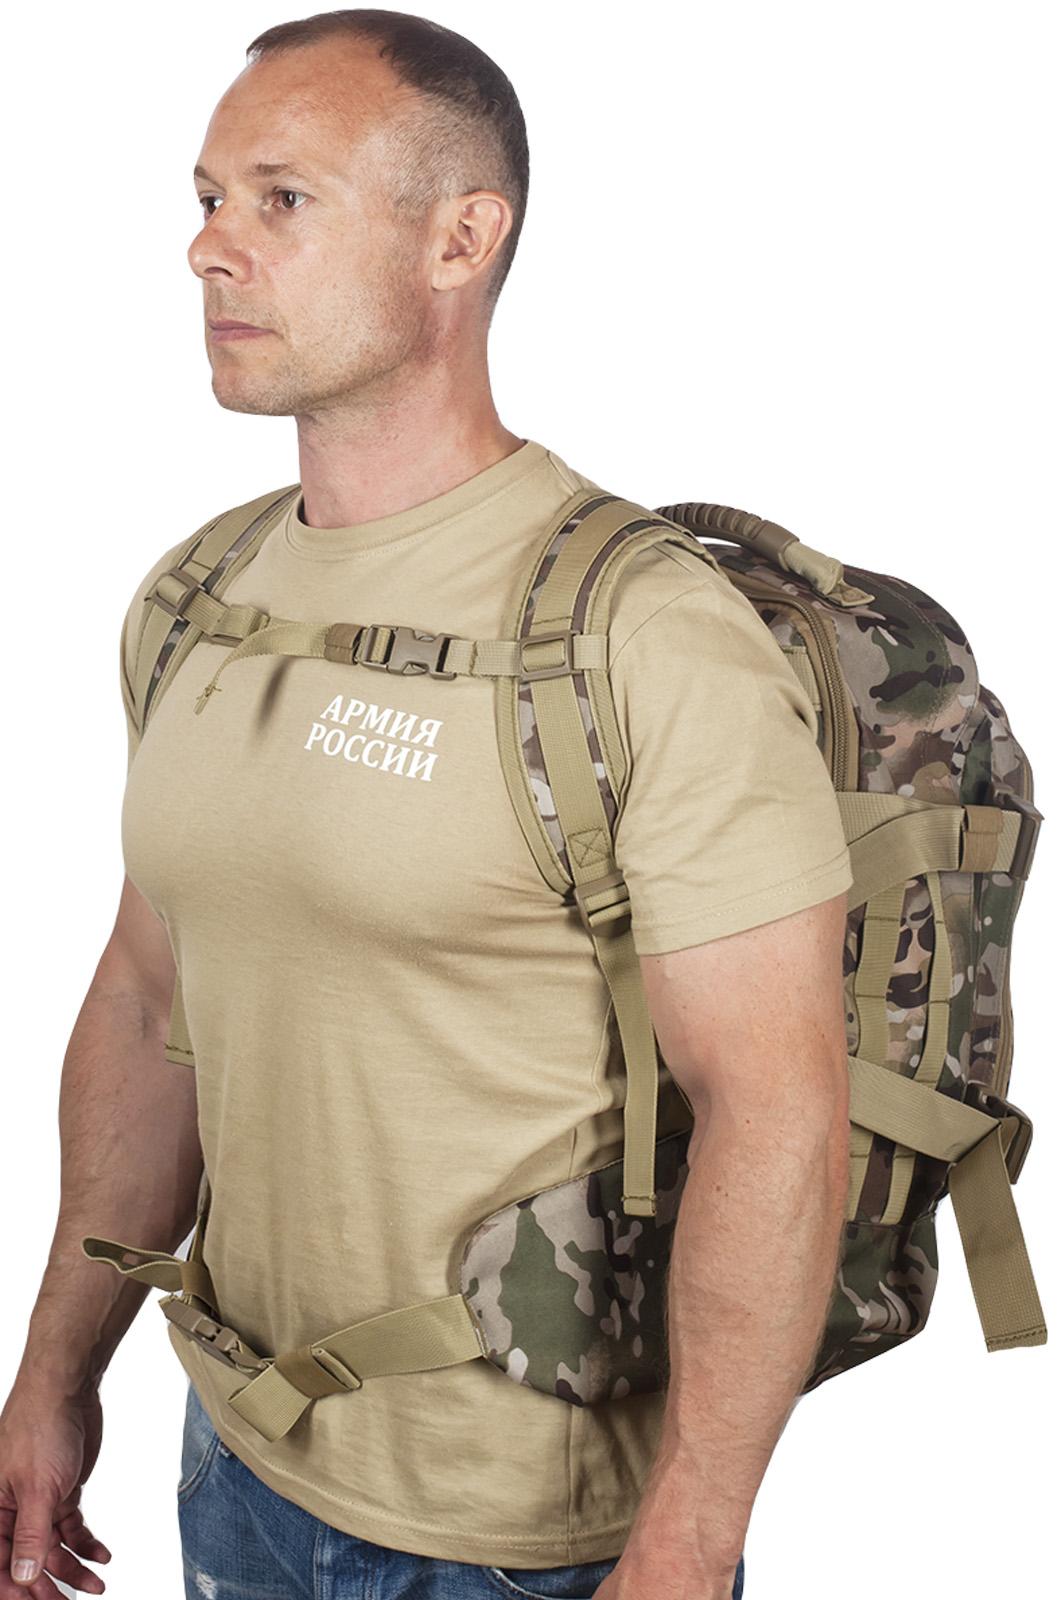 Камуфляжный трехдневный рюкзак с нашивкой Ни Пуха ни Пера - купить со скидкой